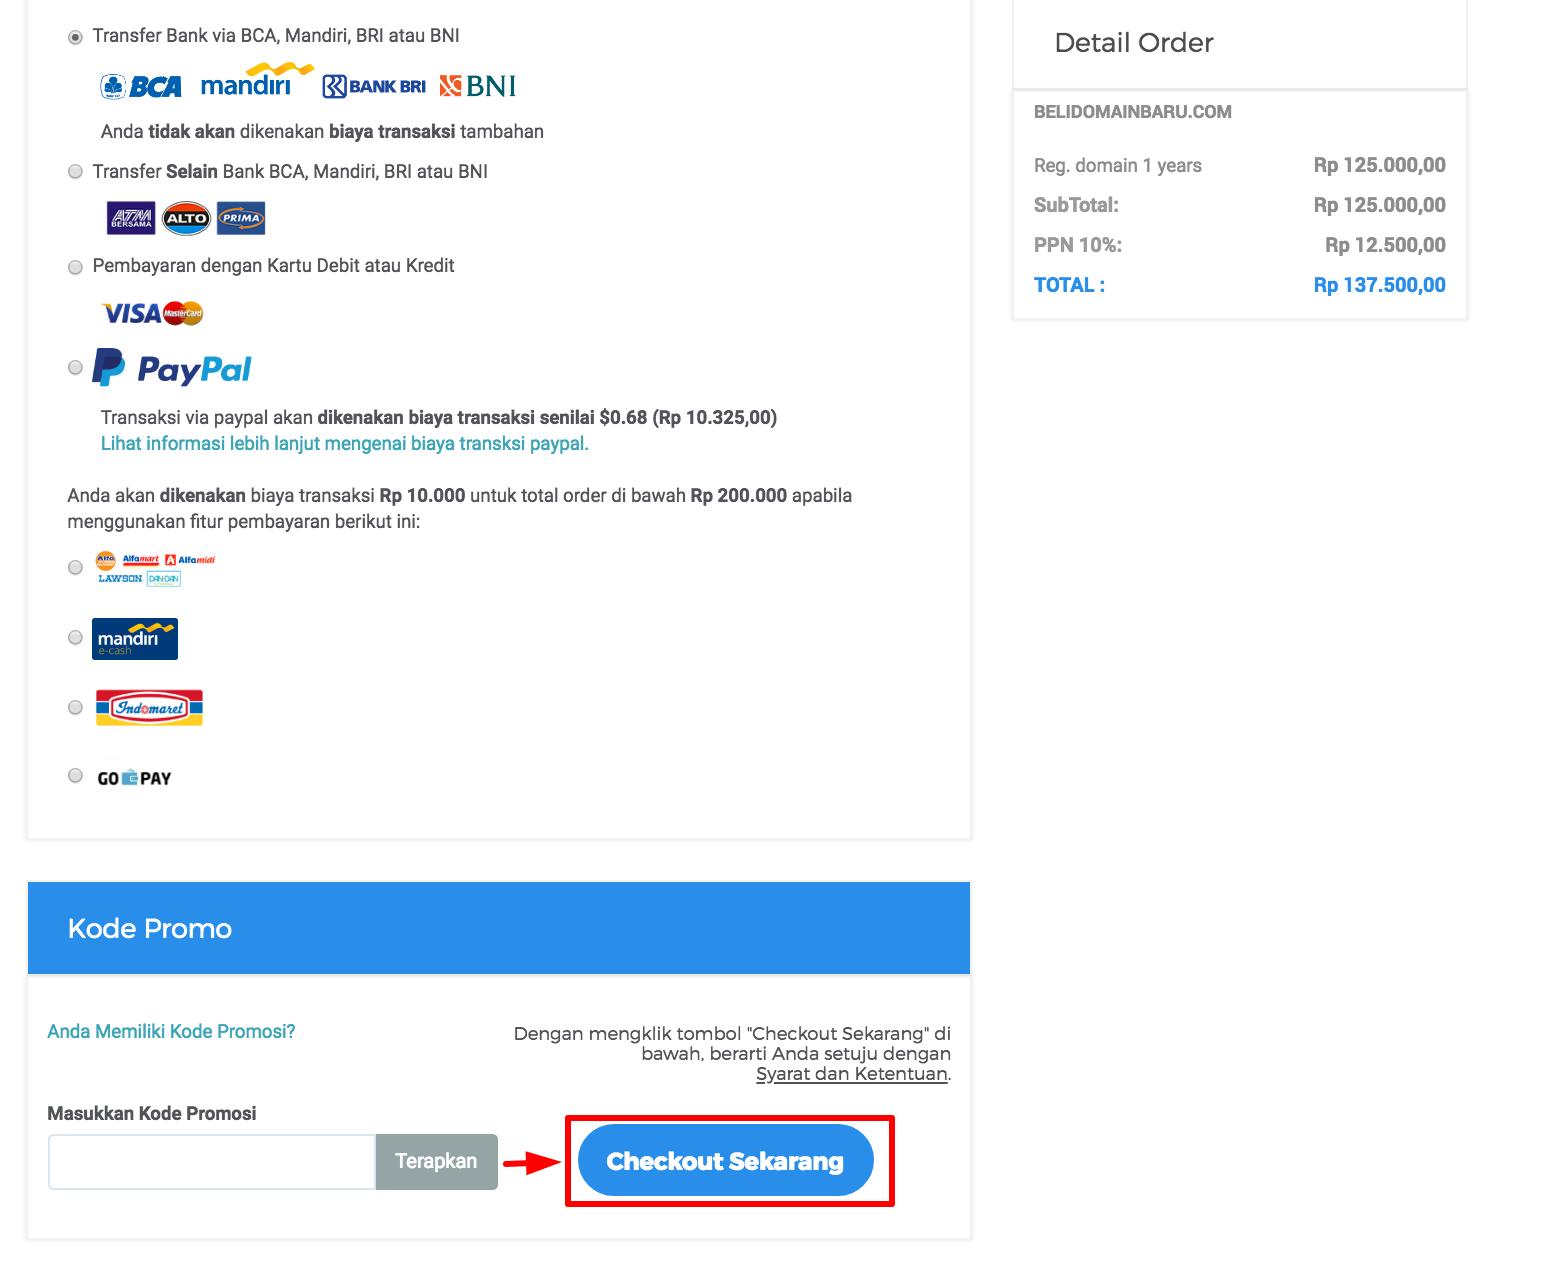 cara beli domain dengan kode promo niagahoster